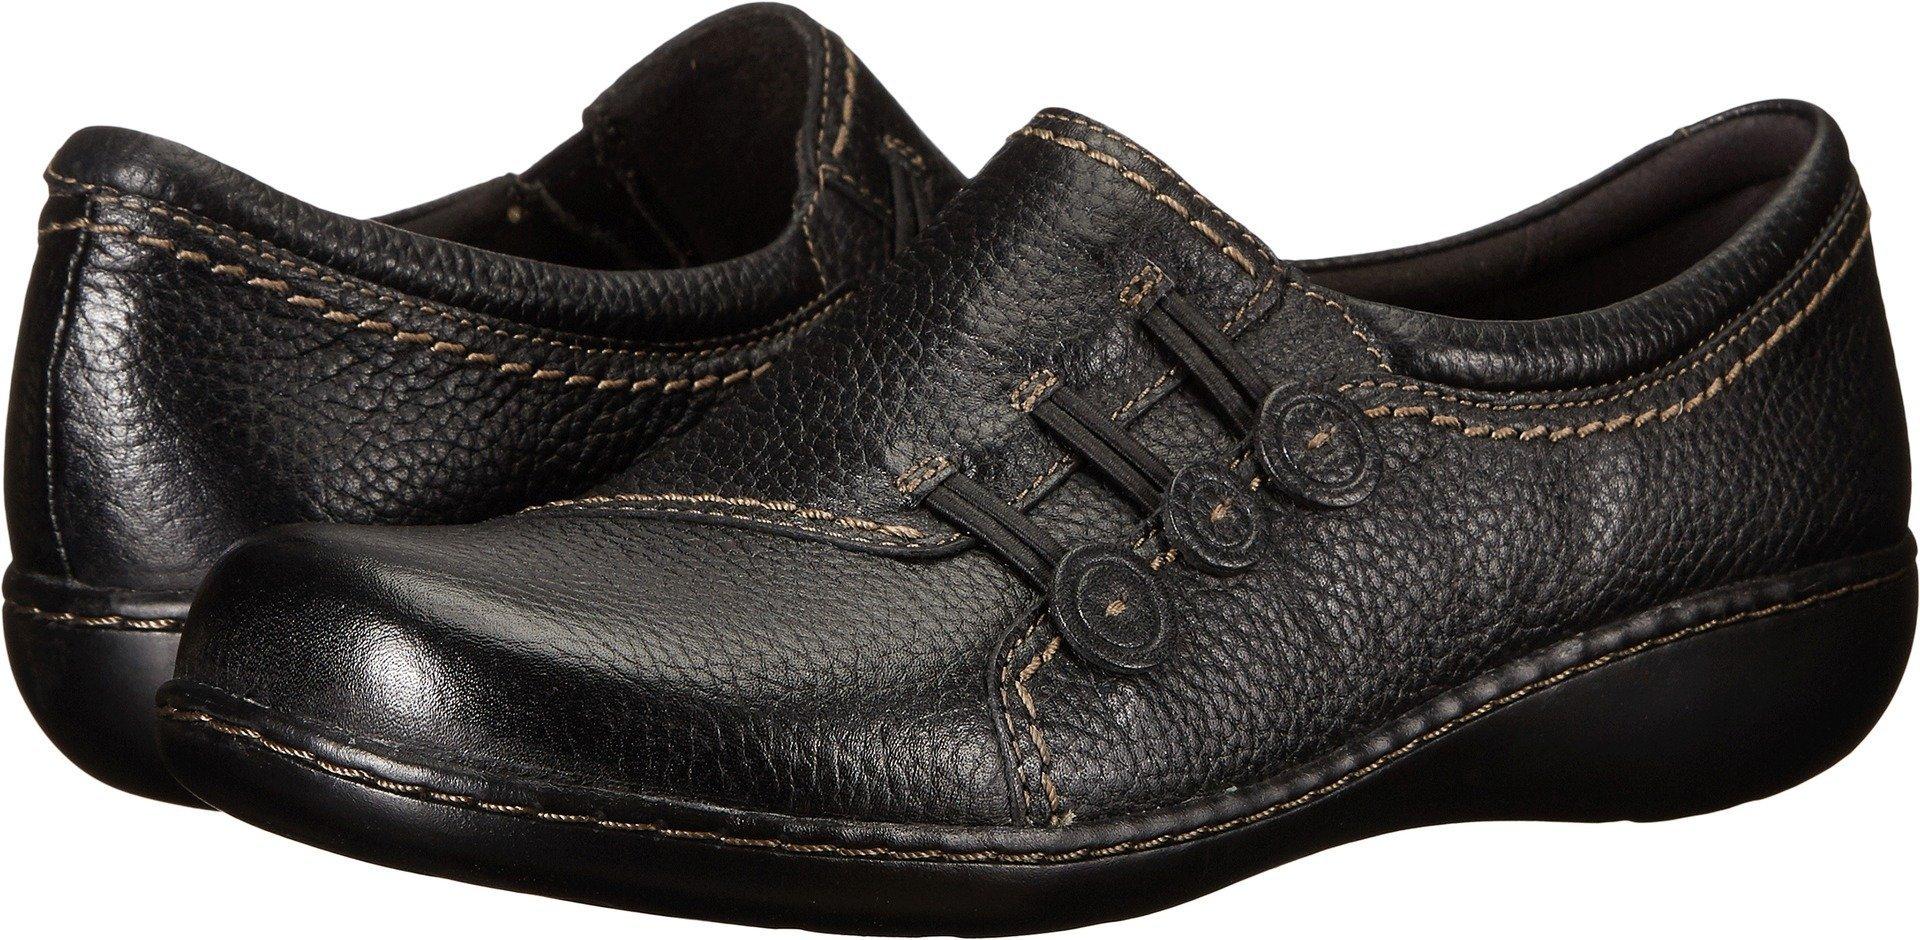 CLARKS Women's Ashland Effie Slip-On Loafer,Black,5 M US